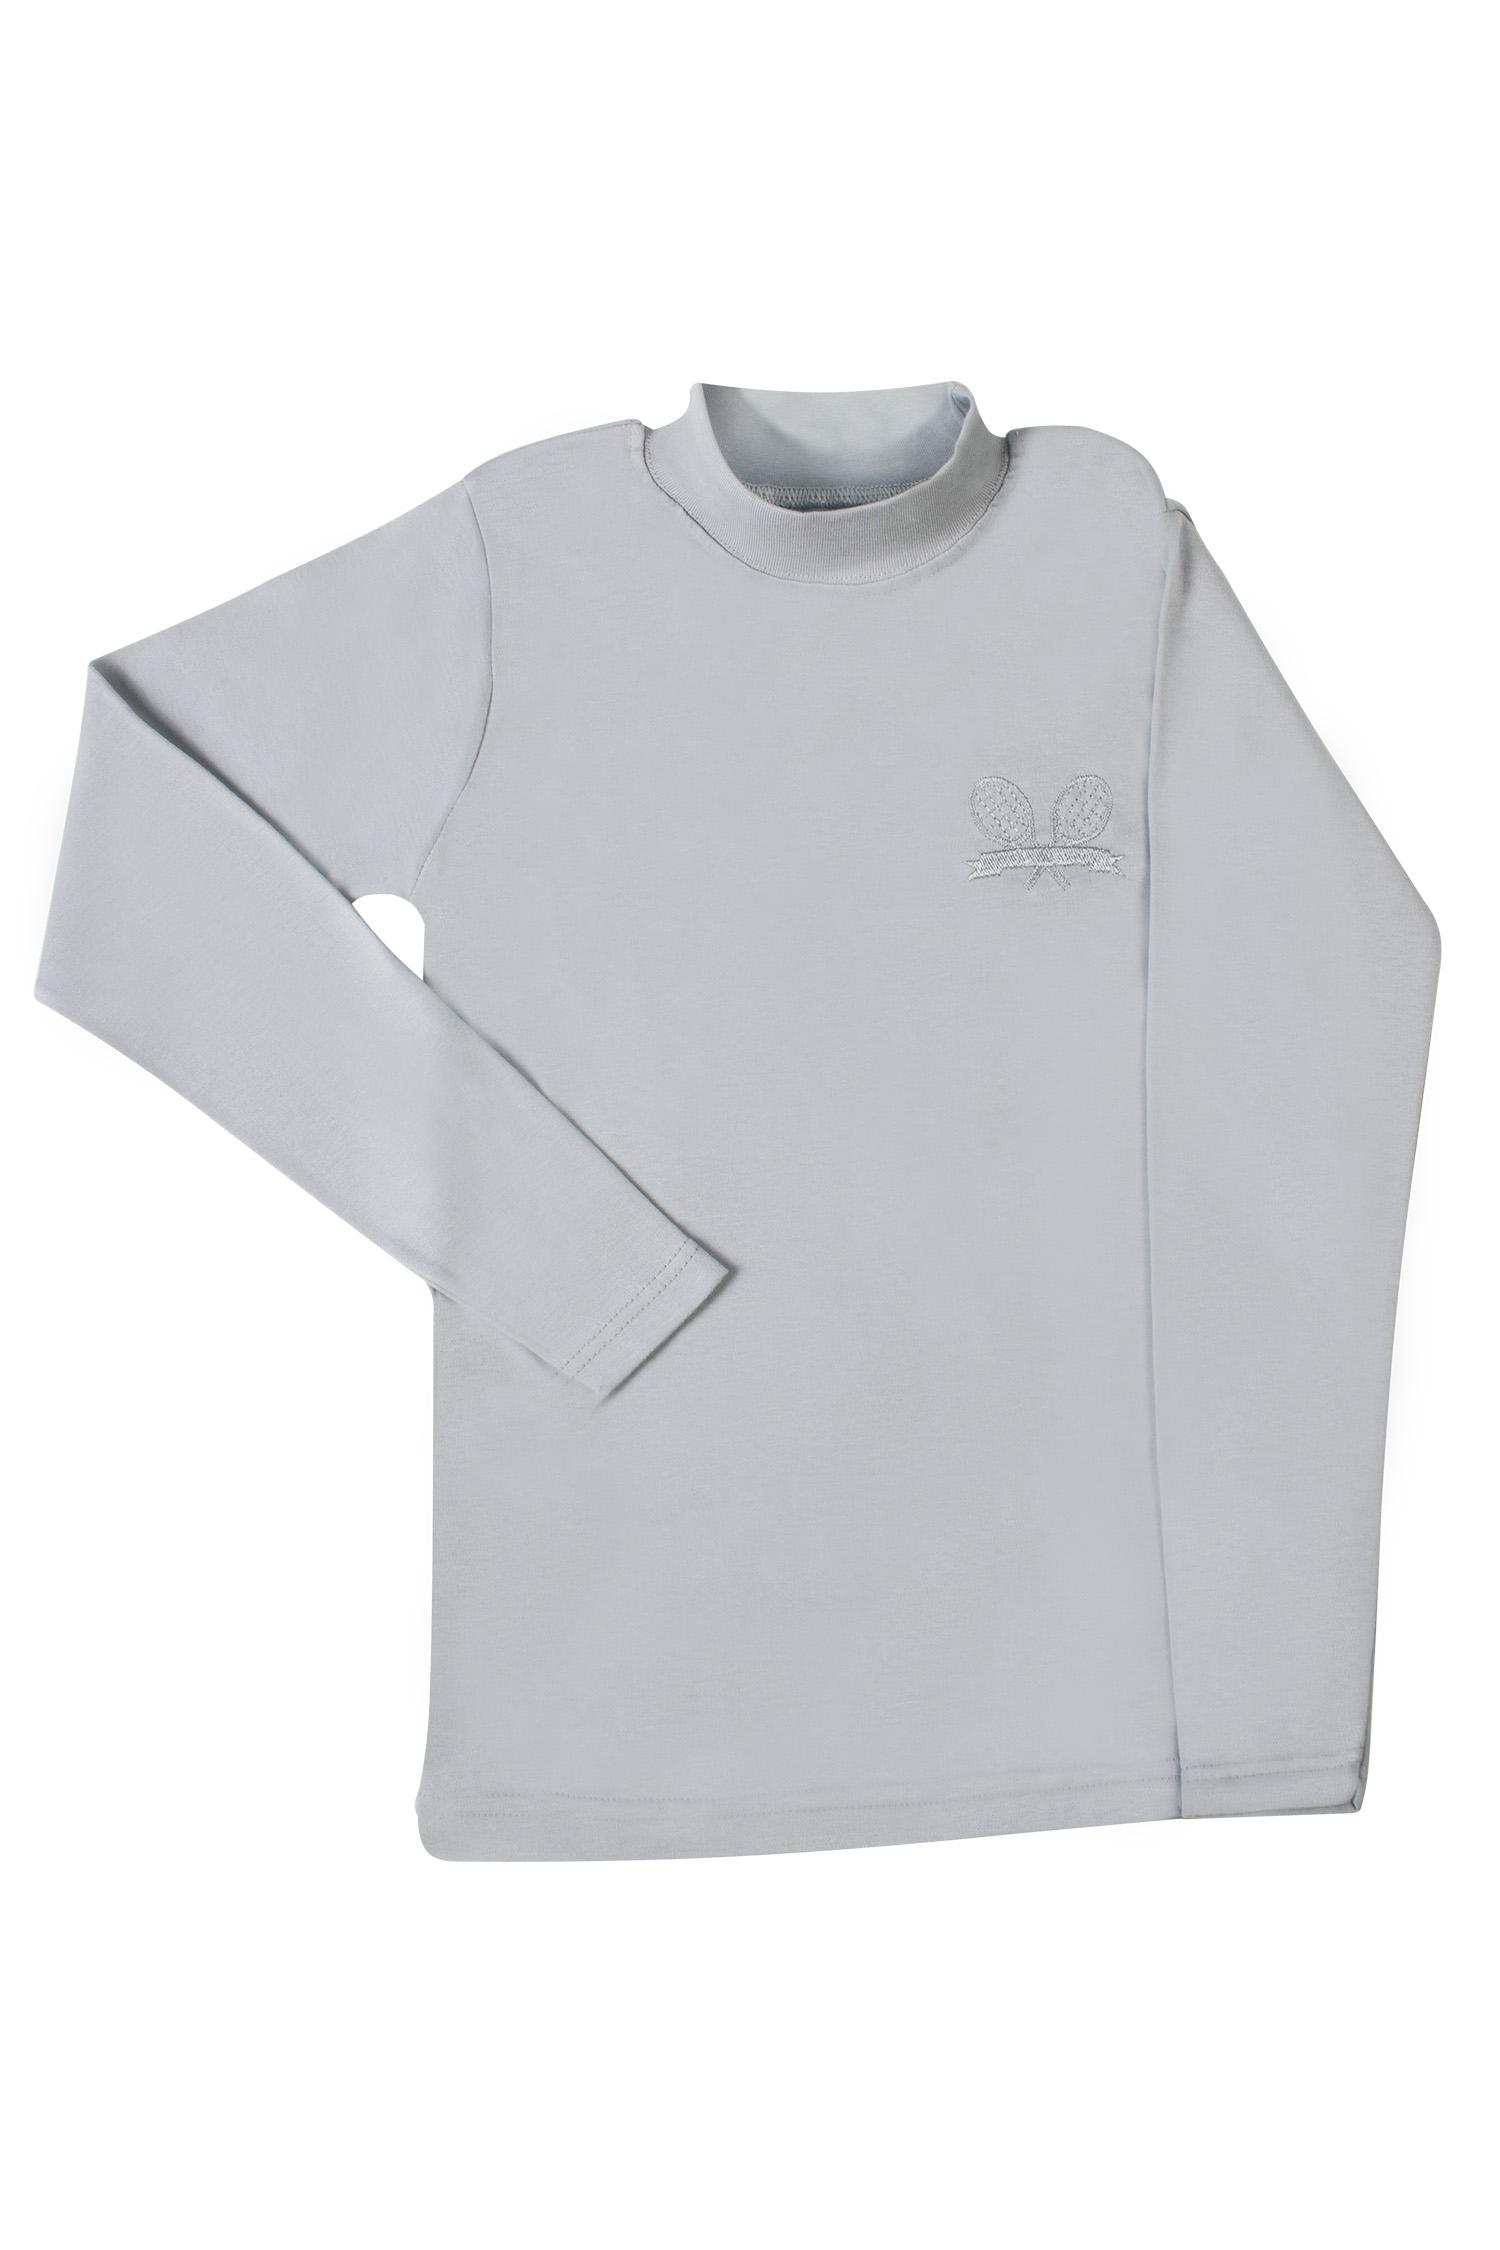 Гольфик детский Umka для мальчика  р.7 рост 116-122 серый Tennis 6B/Gray18/06-7